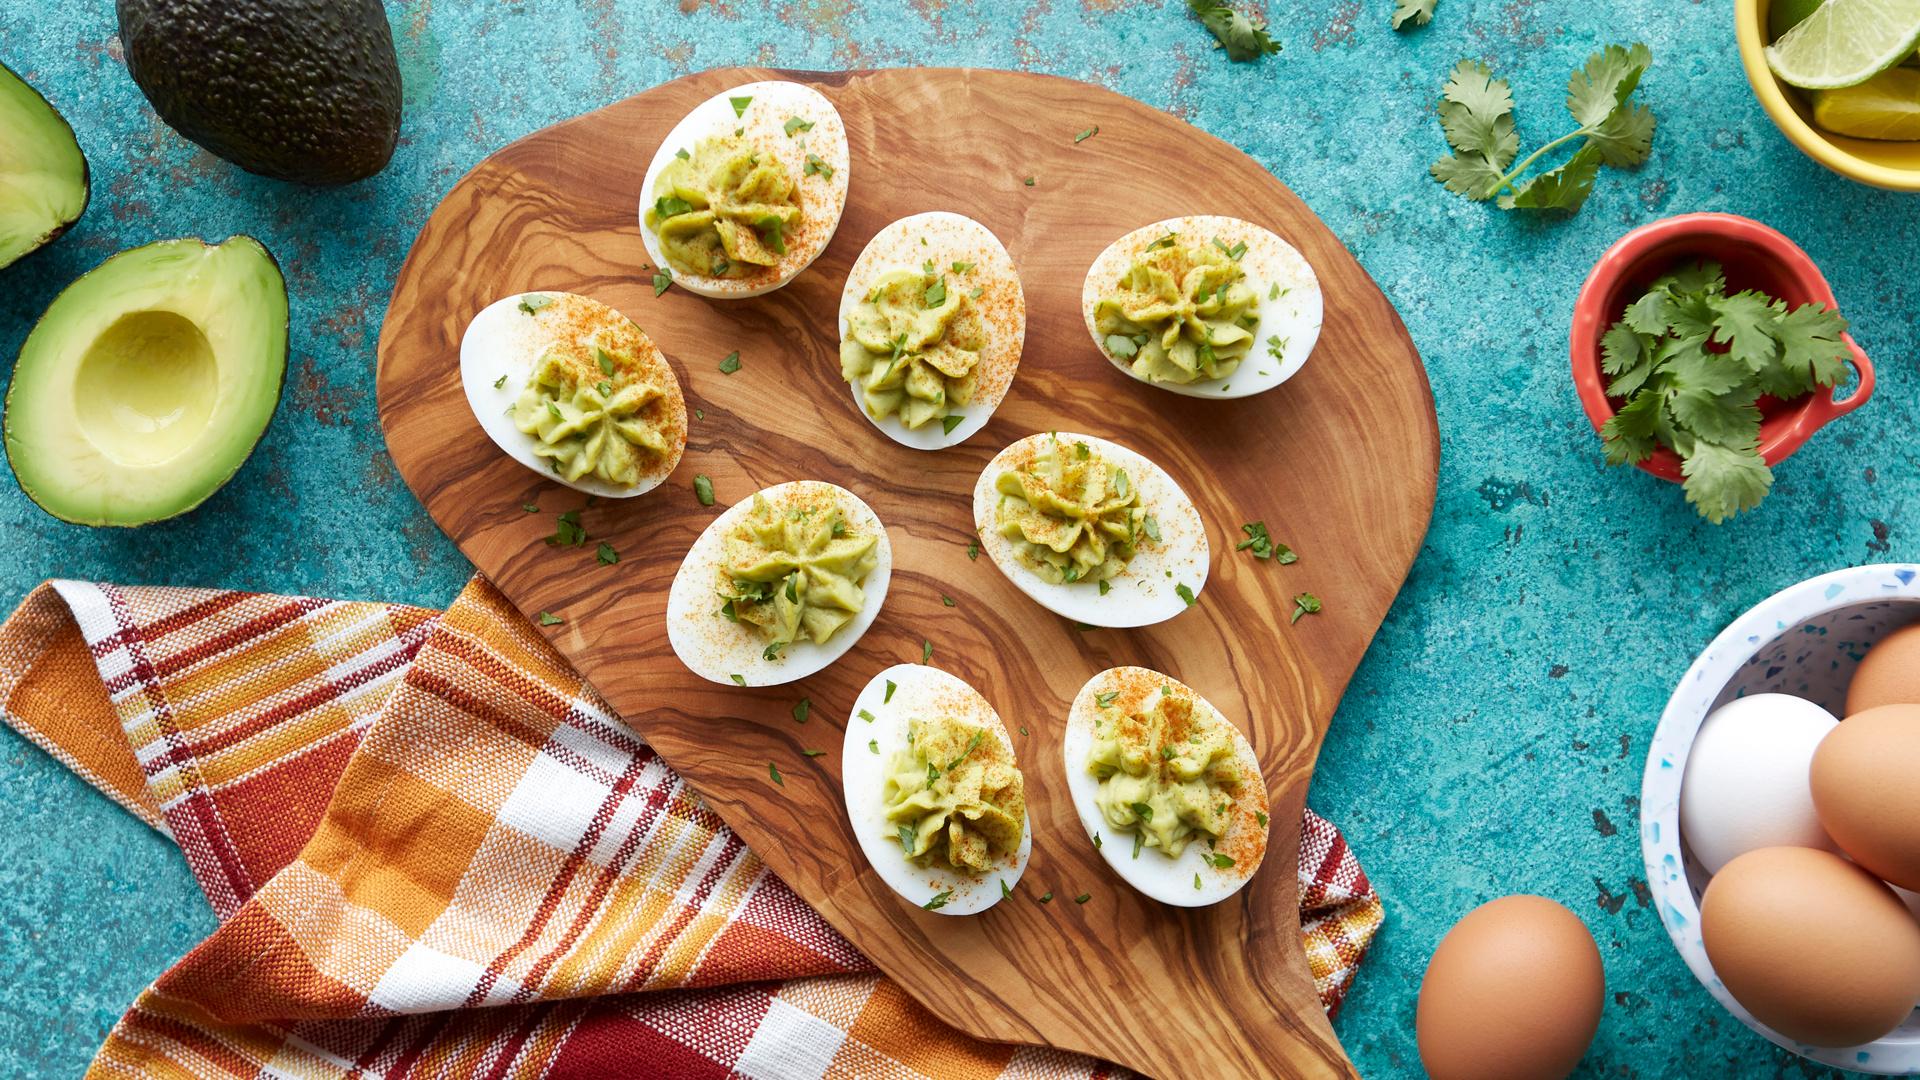 Chef Dale MacKay's avocado-lime-cumin devilled eggs recipe